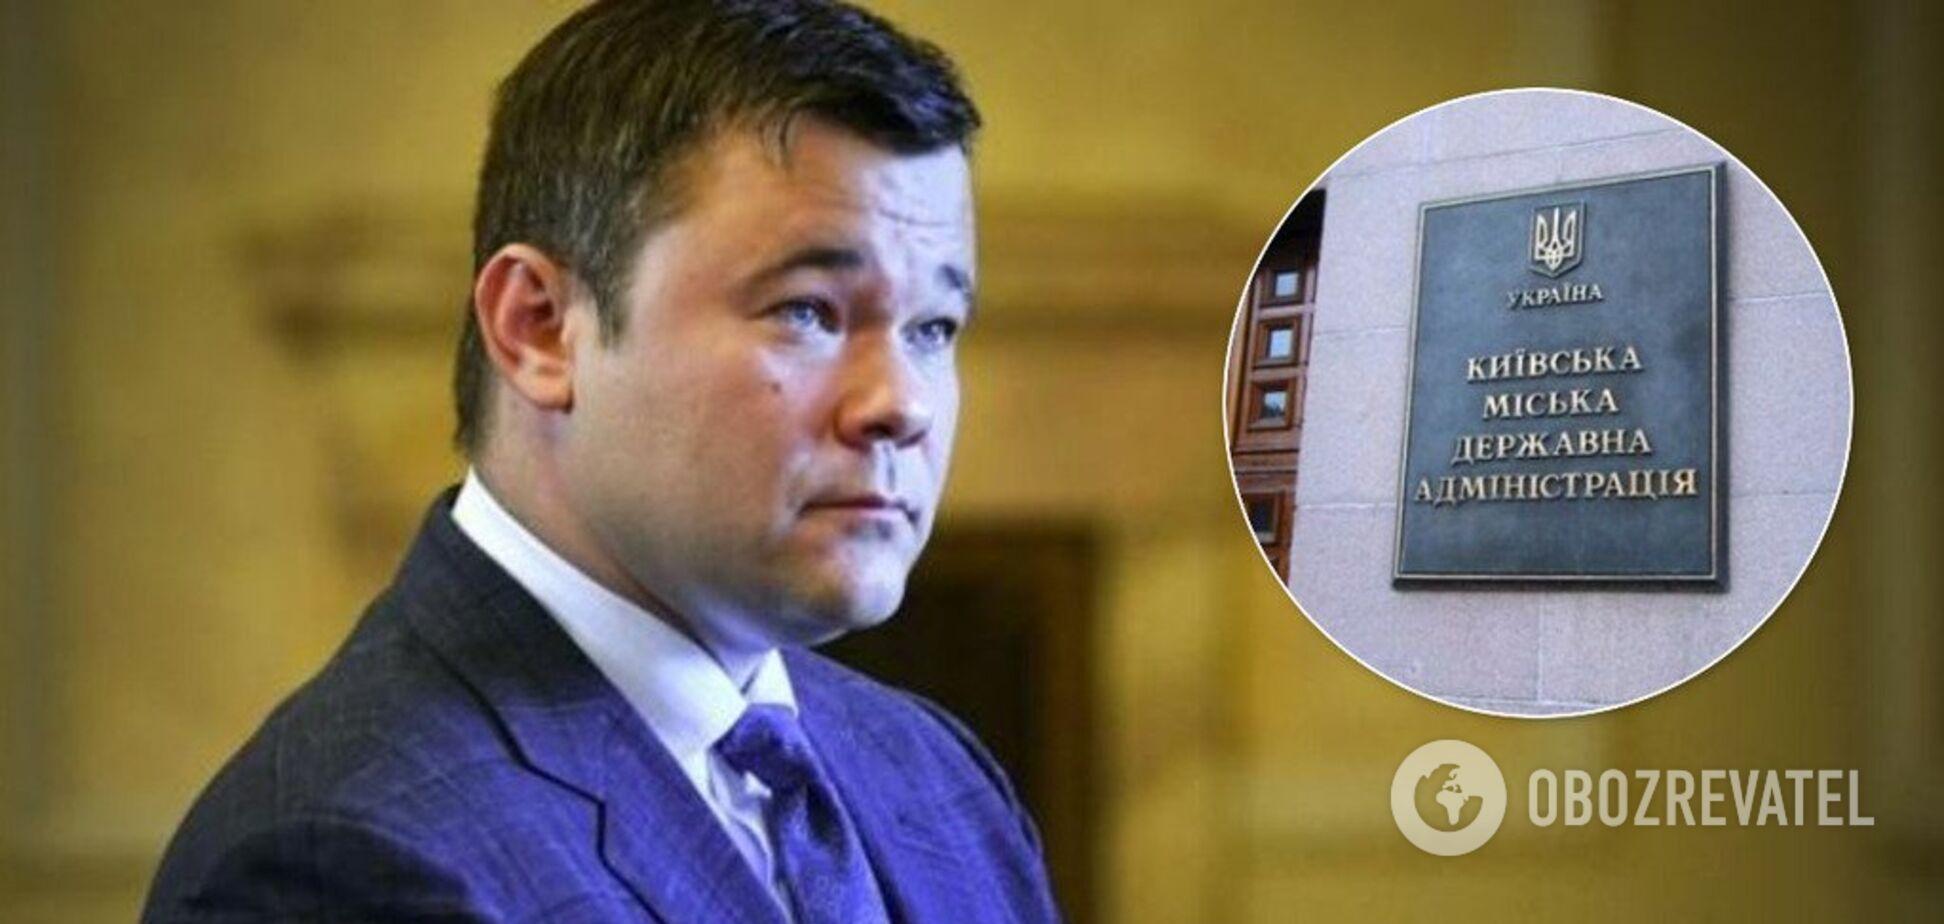 Богдан собрался в мэры Киева? Появился неоднозначный инсайд